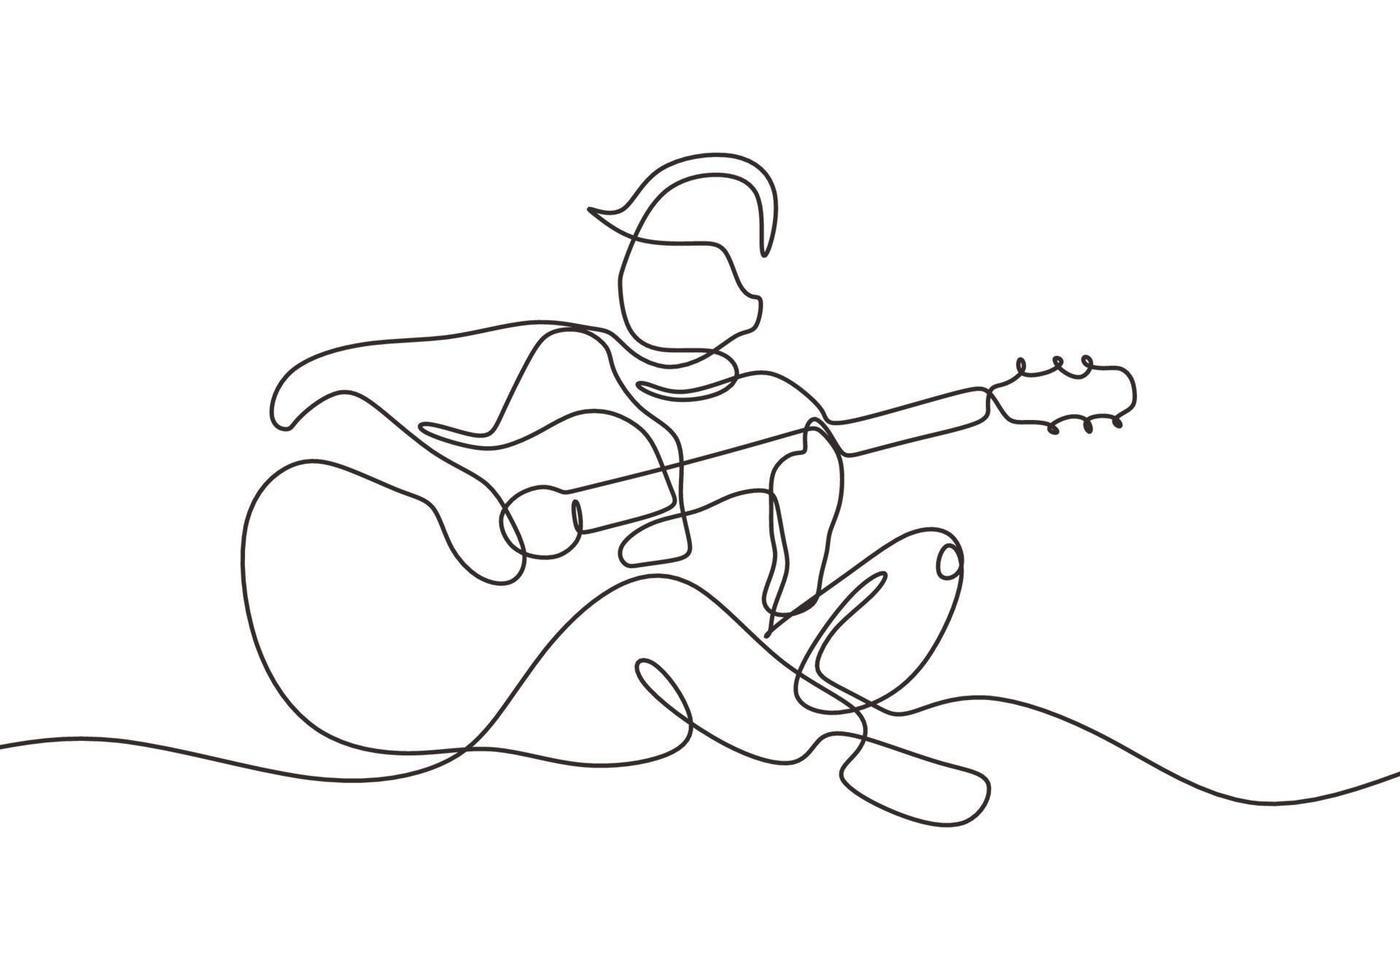 homem toca guitarra uma linha desenhando um instrumento acústico vetor